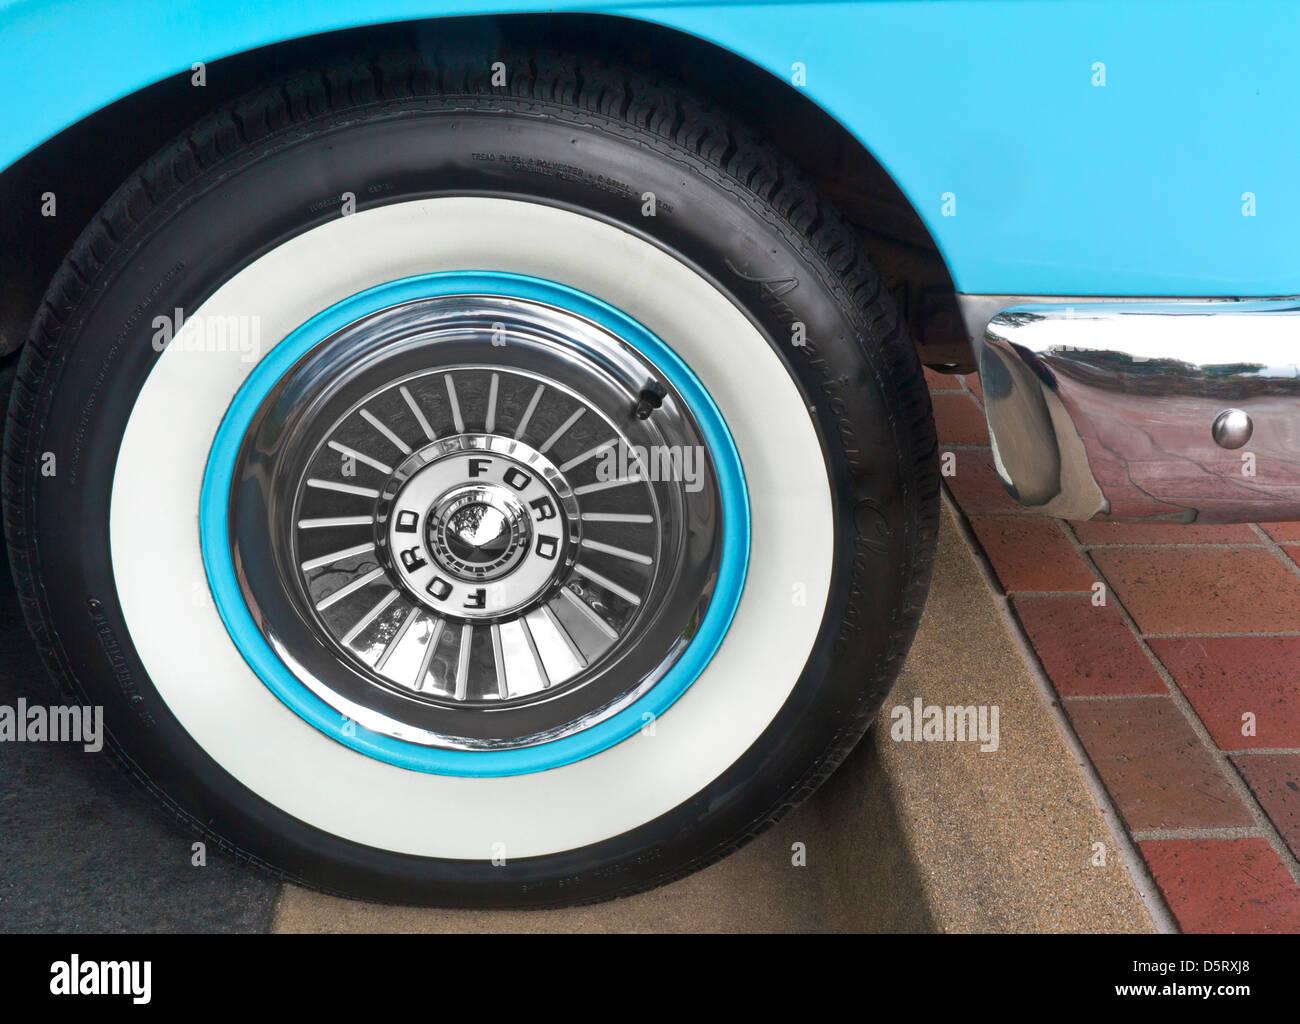 Détails sur les années 1950 Ford Fairlane Skyliner American Classic motor roue chromée et résurrection Photo Stock